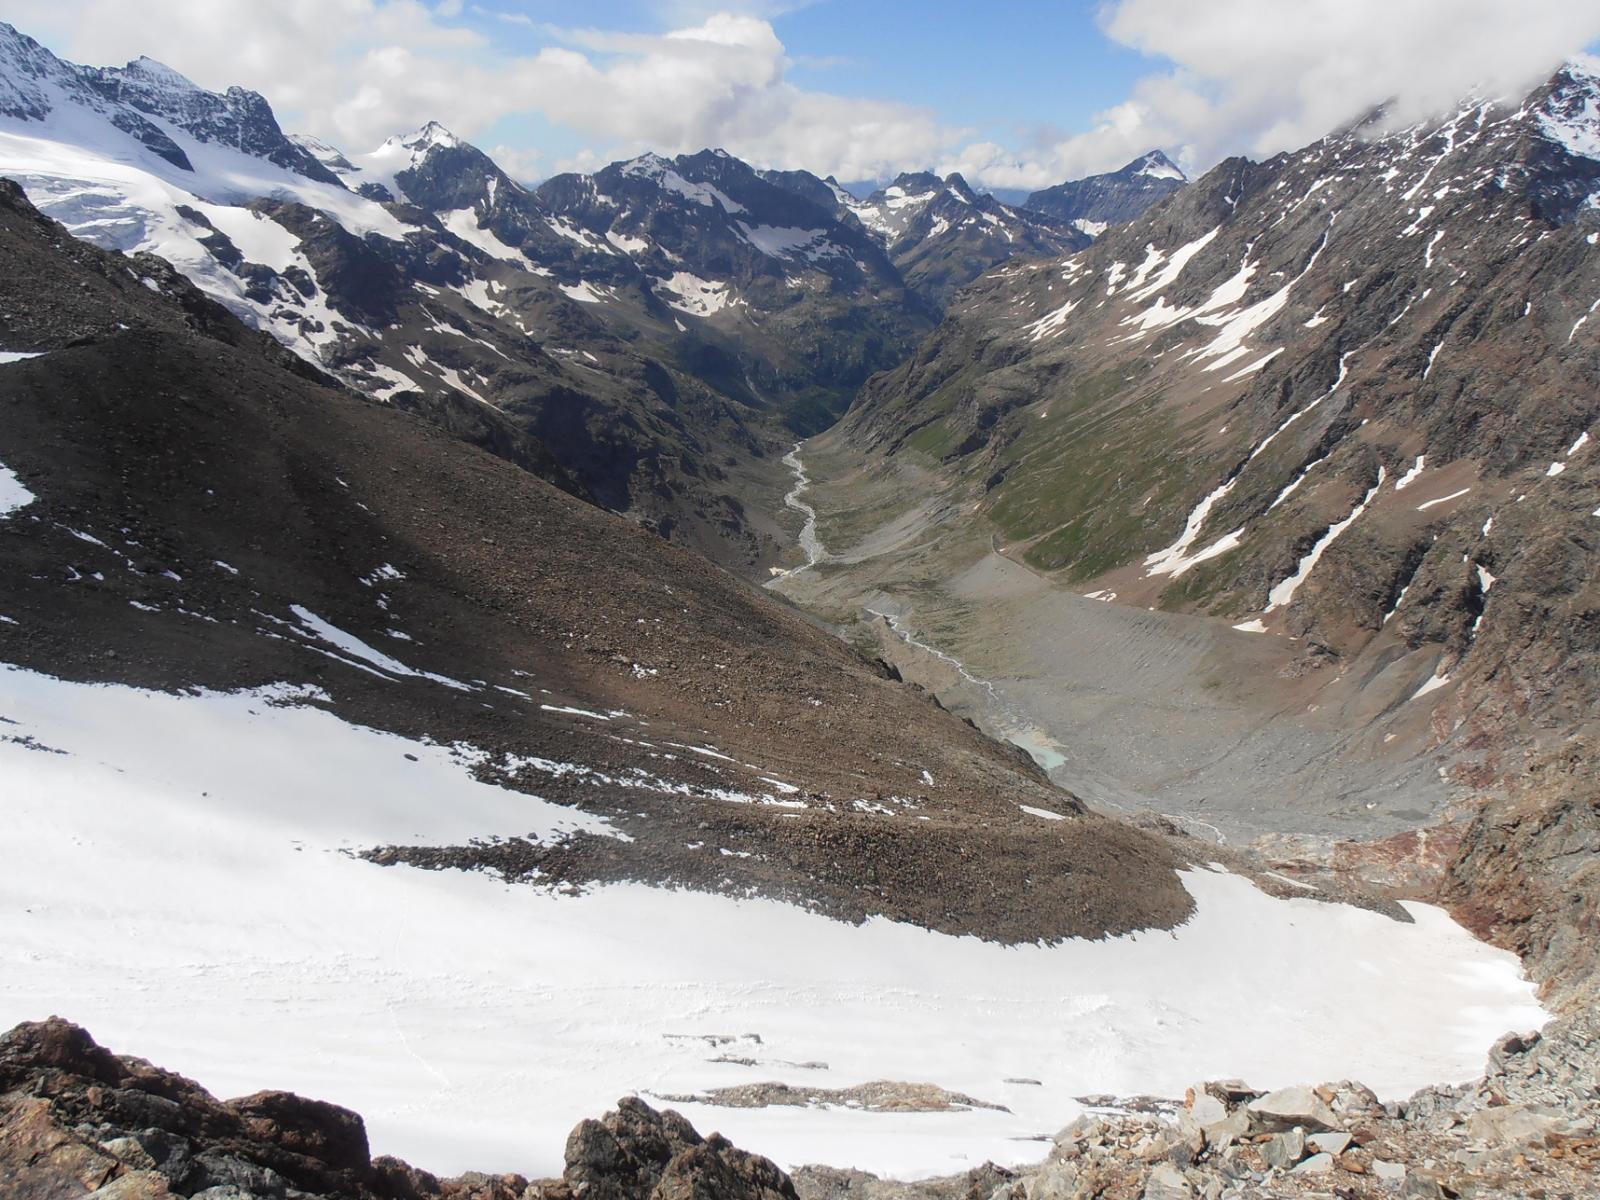 07 - la parte alta della Valpelline, così lunga e selvaggia a che percorrerla è un vero viaggio